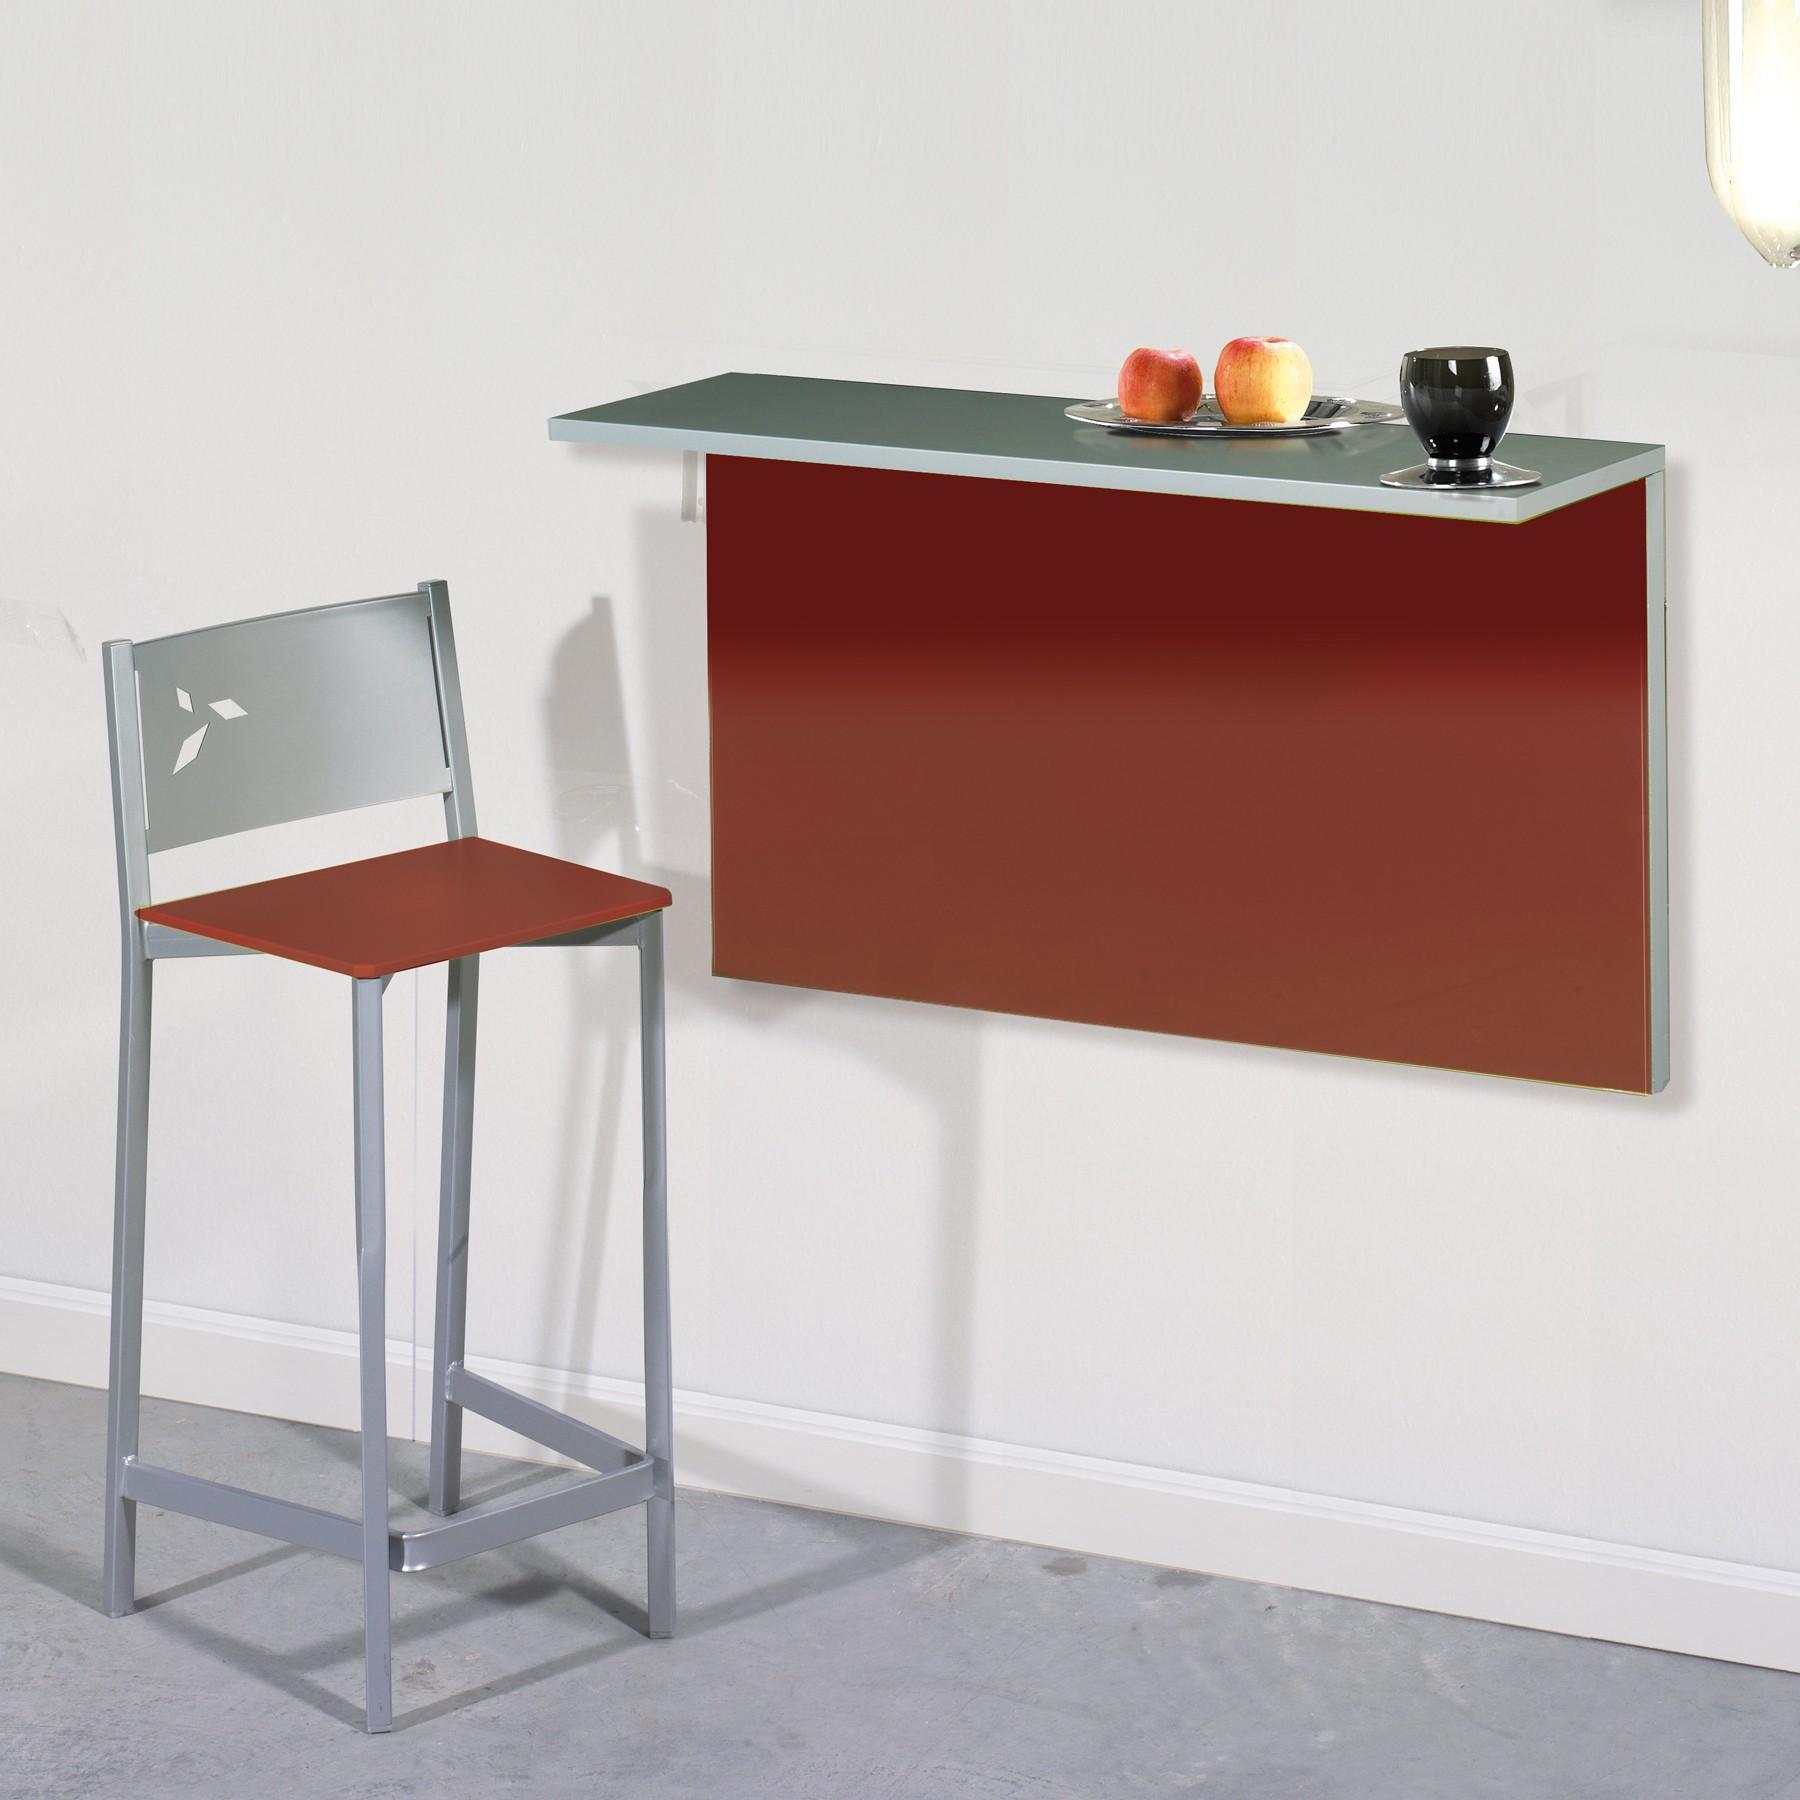 Mesa de cocina plegable de pared con 2 posiciones